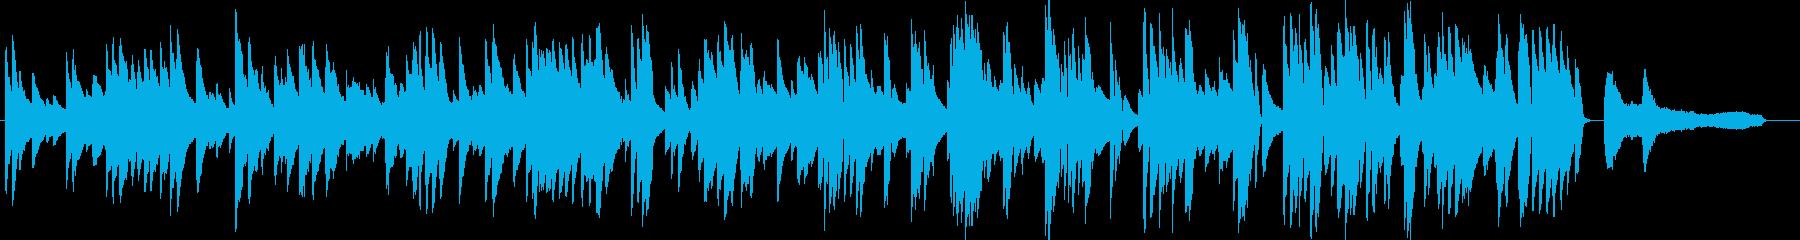 お洒落な動画に合うジャジーなピアノ8の再生済みの波形